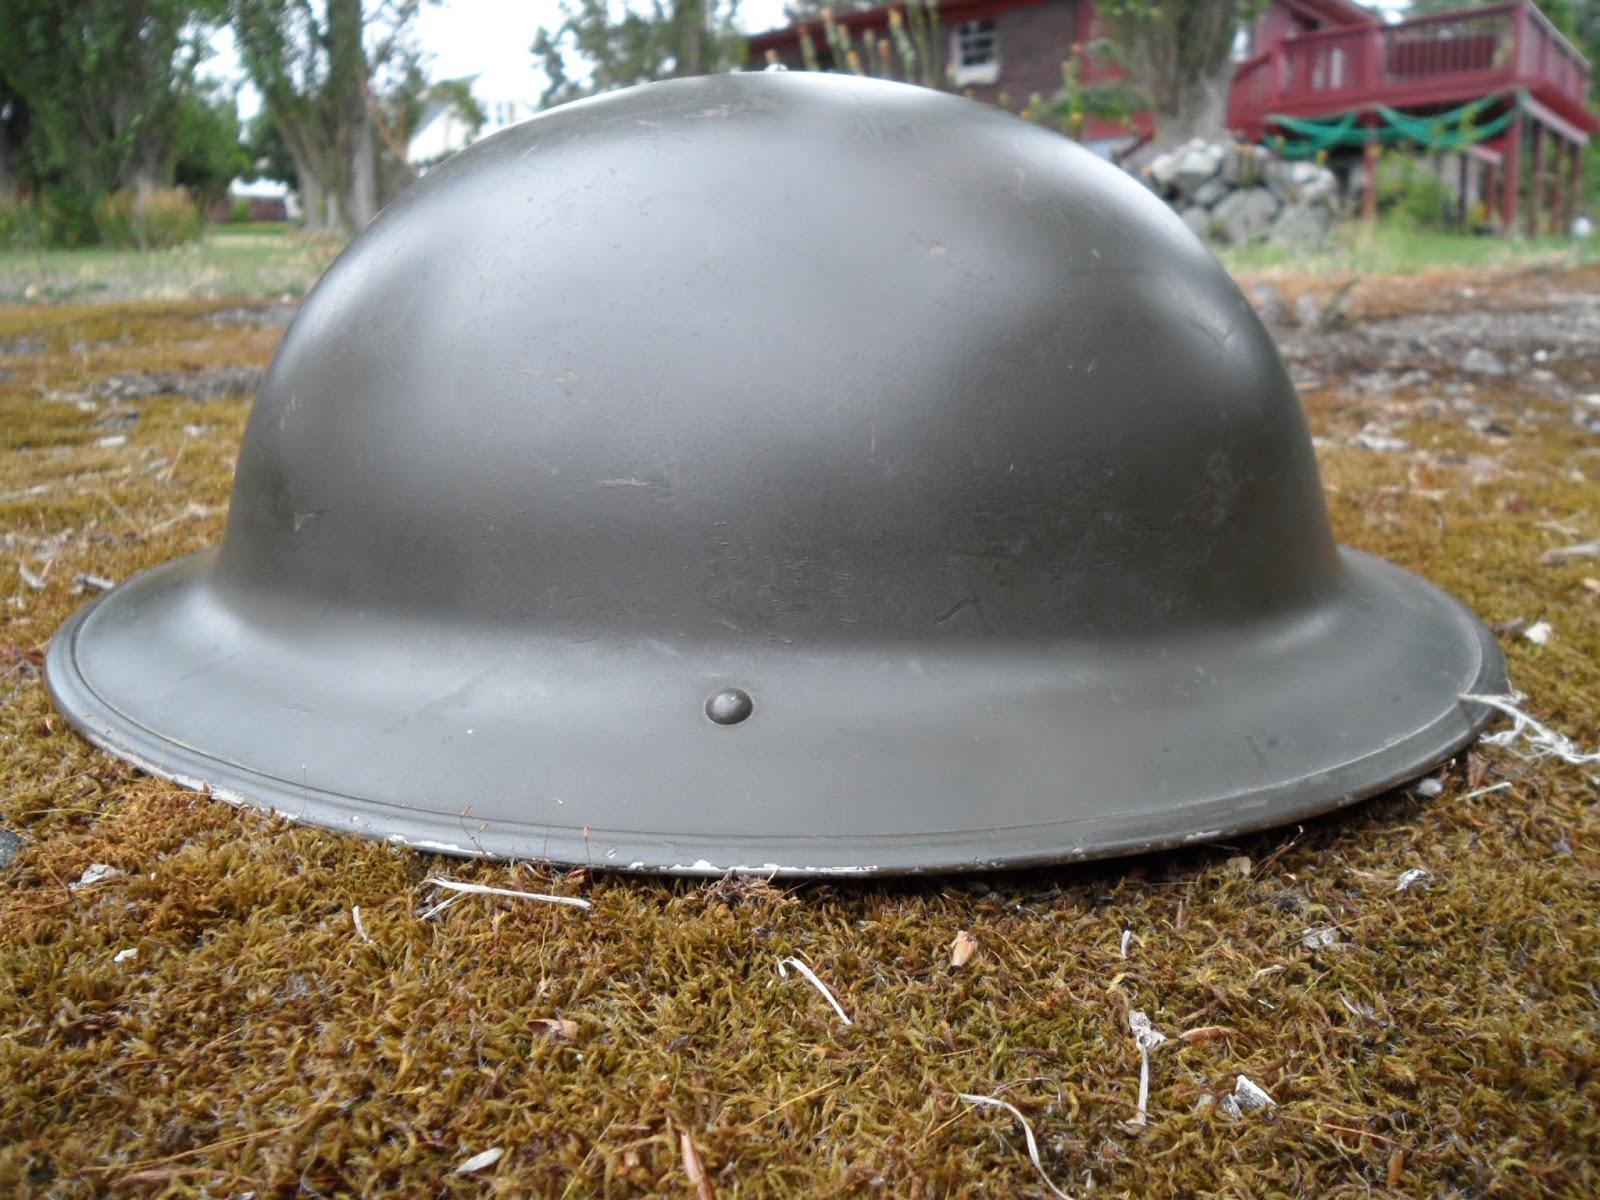 Four Bees: Canadian Brodie Helmet, Mk II, WW2 - Korean War era, 1942